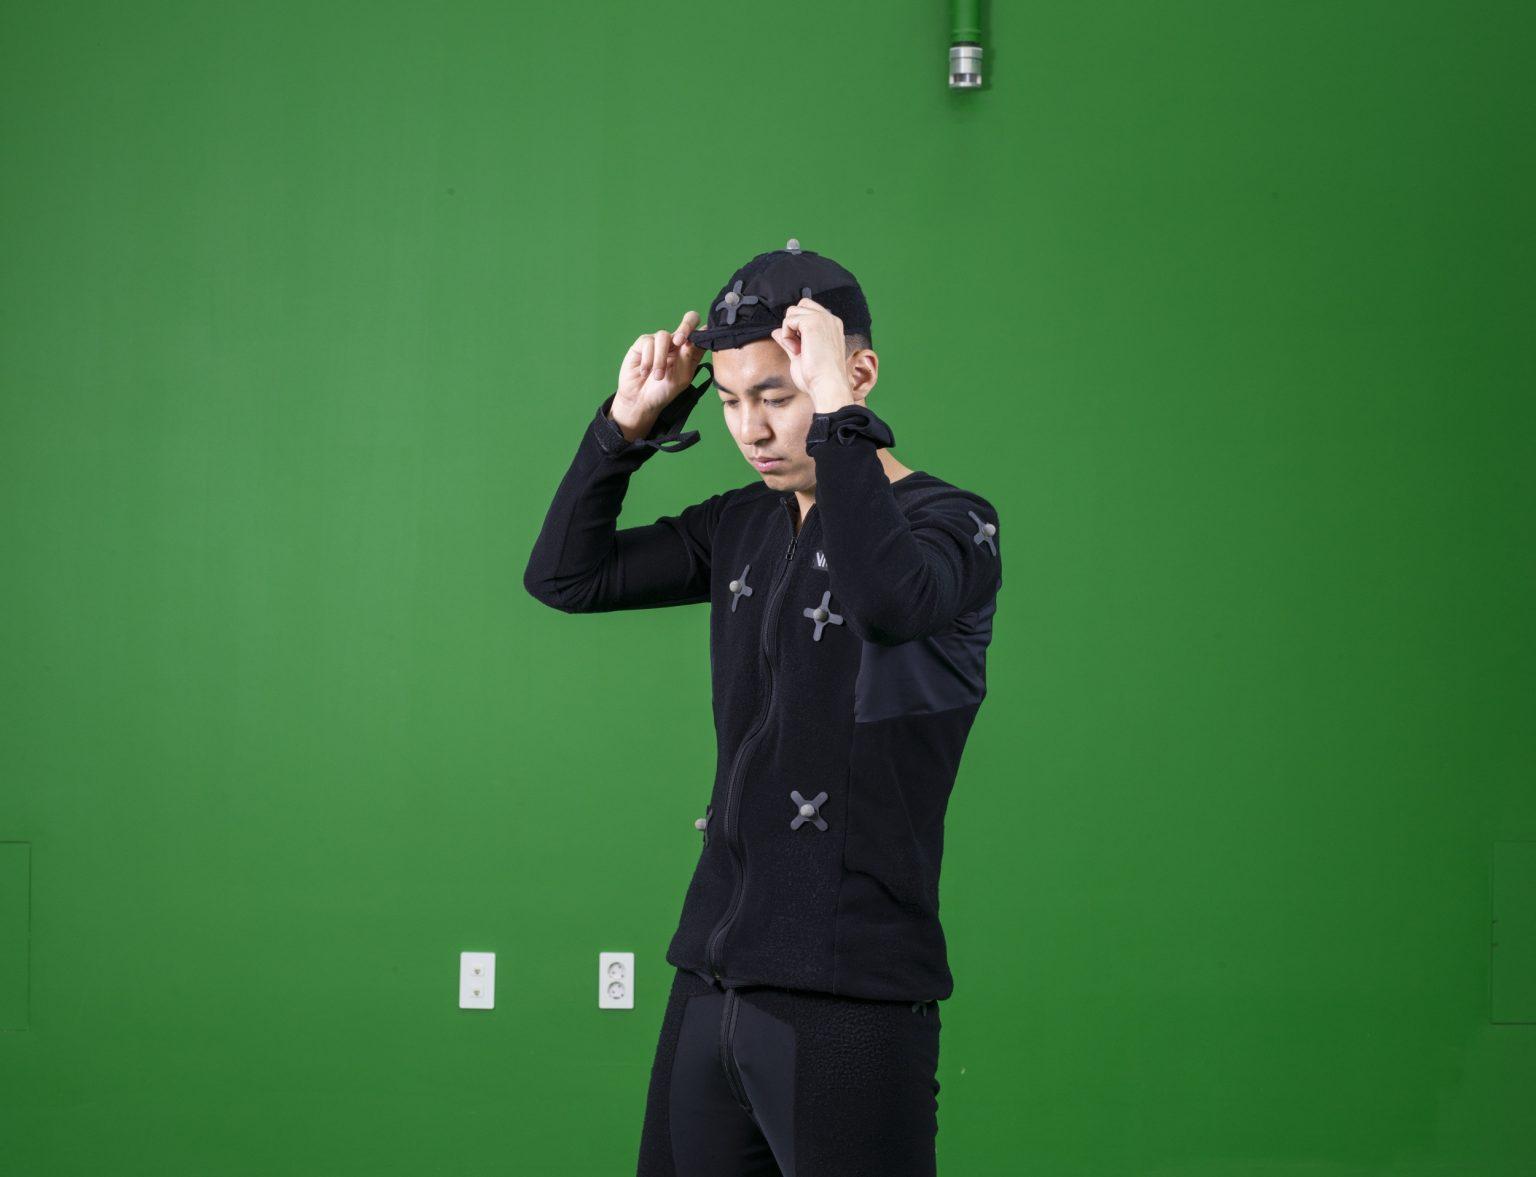 """Republic of Korea, Seongnam, G?yeonggi-do, Pangyo, September ?2015 - The making of a videoga?me in the motion room located ?in the headquarter building of? Nexon, the most important Kor?ean company of online games. T?he motion room is where the re?al body's movements are record?ed by sensors and translated i?n a 3d digital language. >< Re?pubblica di Corea, Seongam, Gy?eonggi-do, Pangyo, settembre 2?015 - Il """"making of"""" di un vid?eogioco nella motion room situ?ata nel quartier generale dell?a Nexon, il più importante pro?duttore coreano di videogiochi? online. La motion room è dove? i movimenti reali sono regist?rati dai sensori collocati sul?le tute e tradotti in linguagg?io digitale 3d. *Stitched photograph*"""